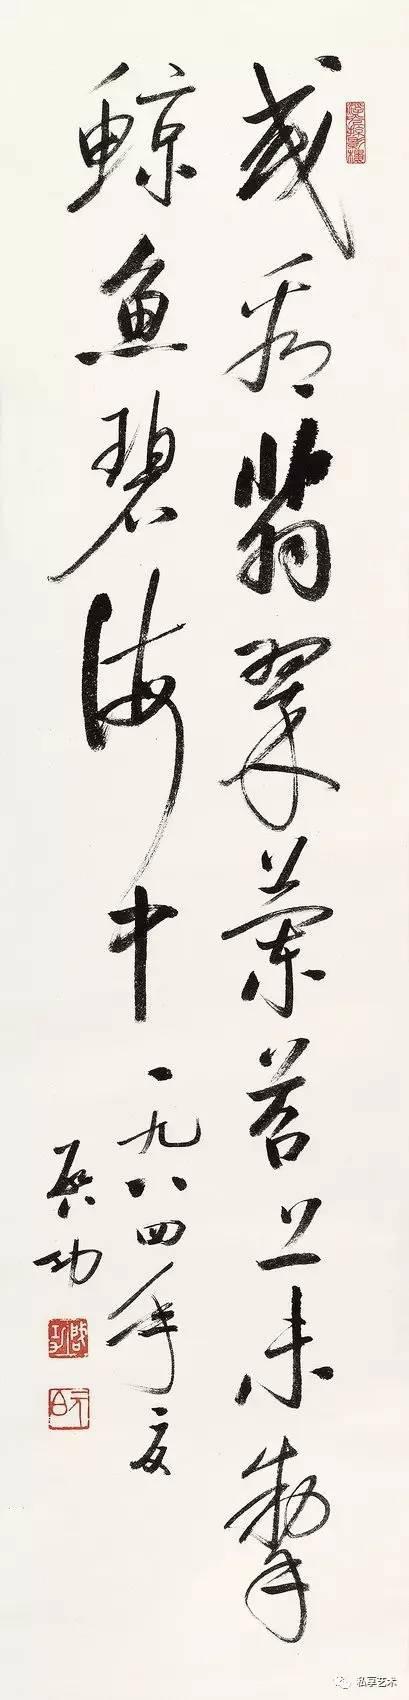 启功 行书杜甫诗